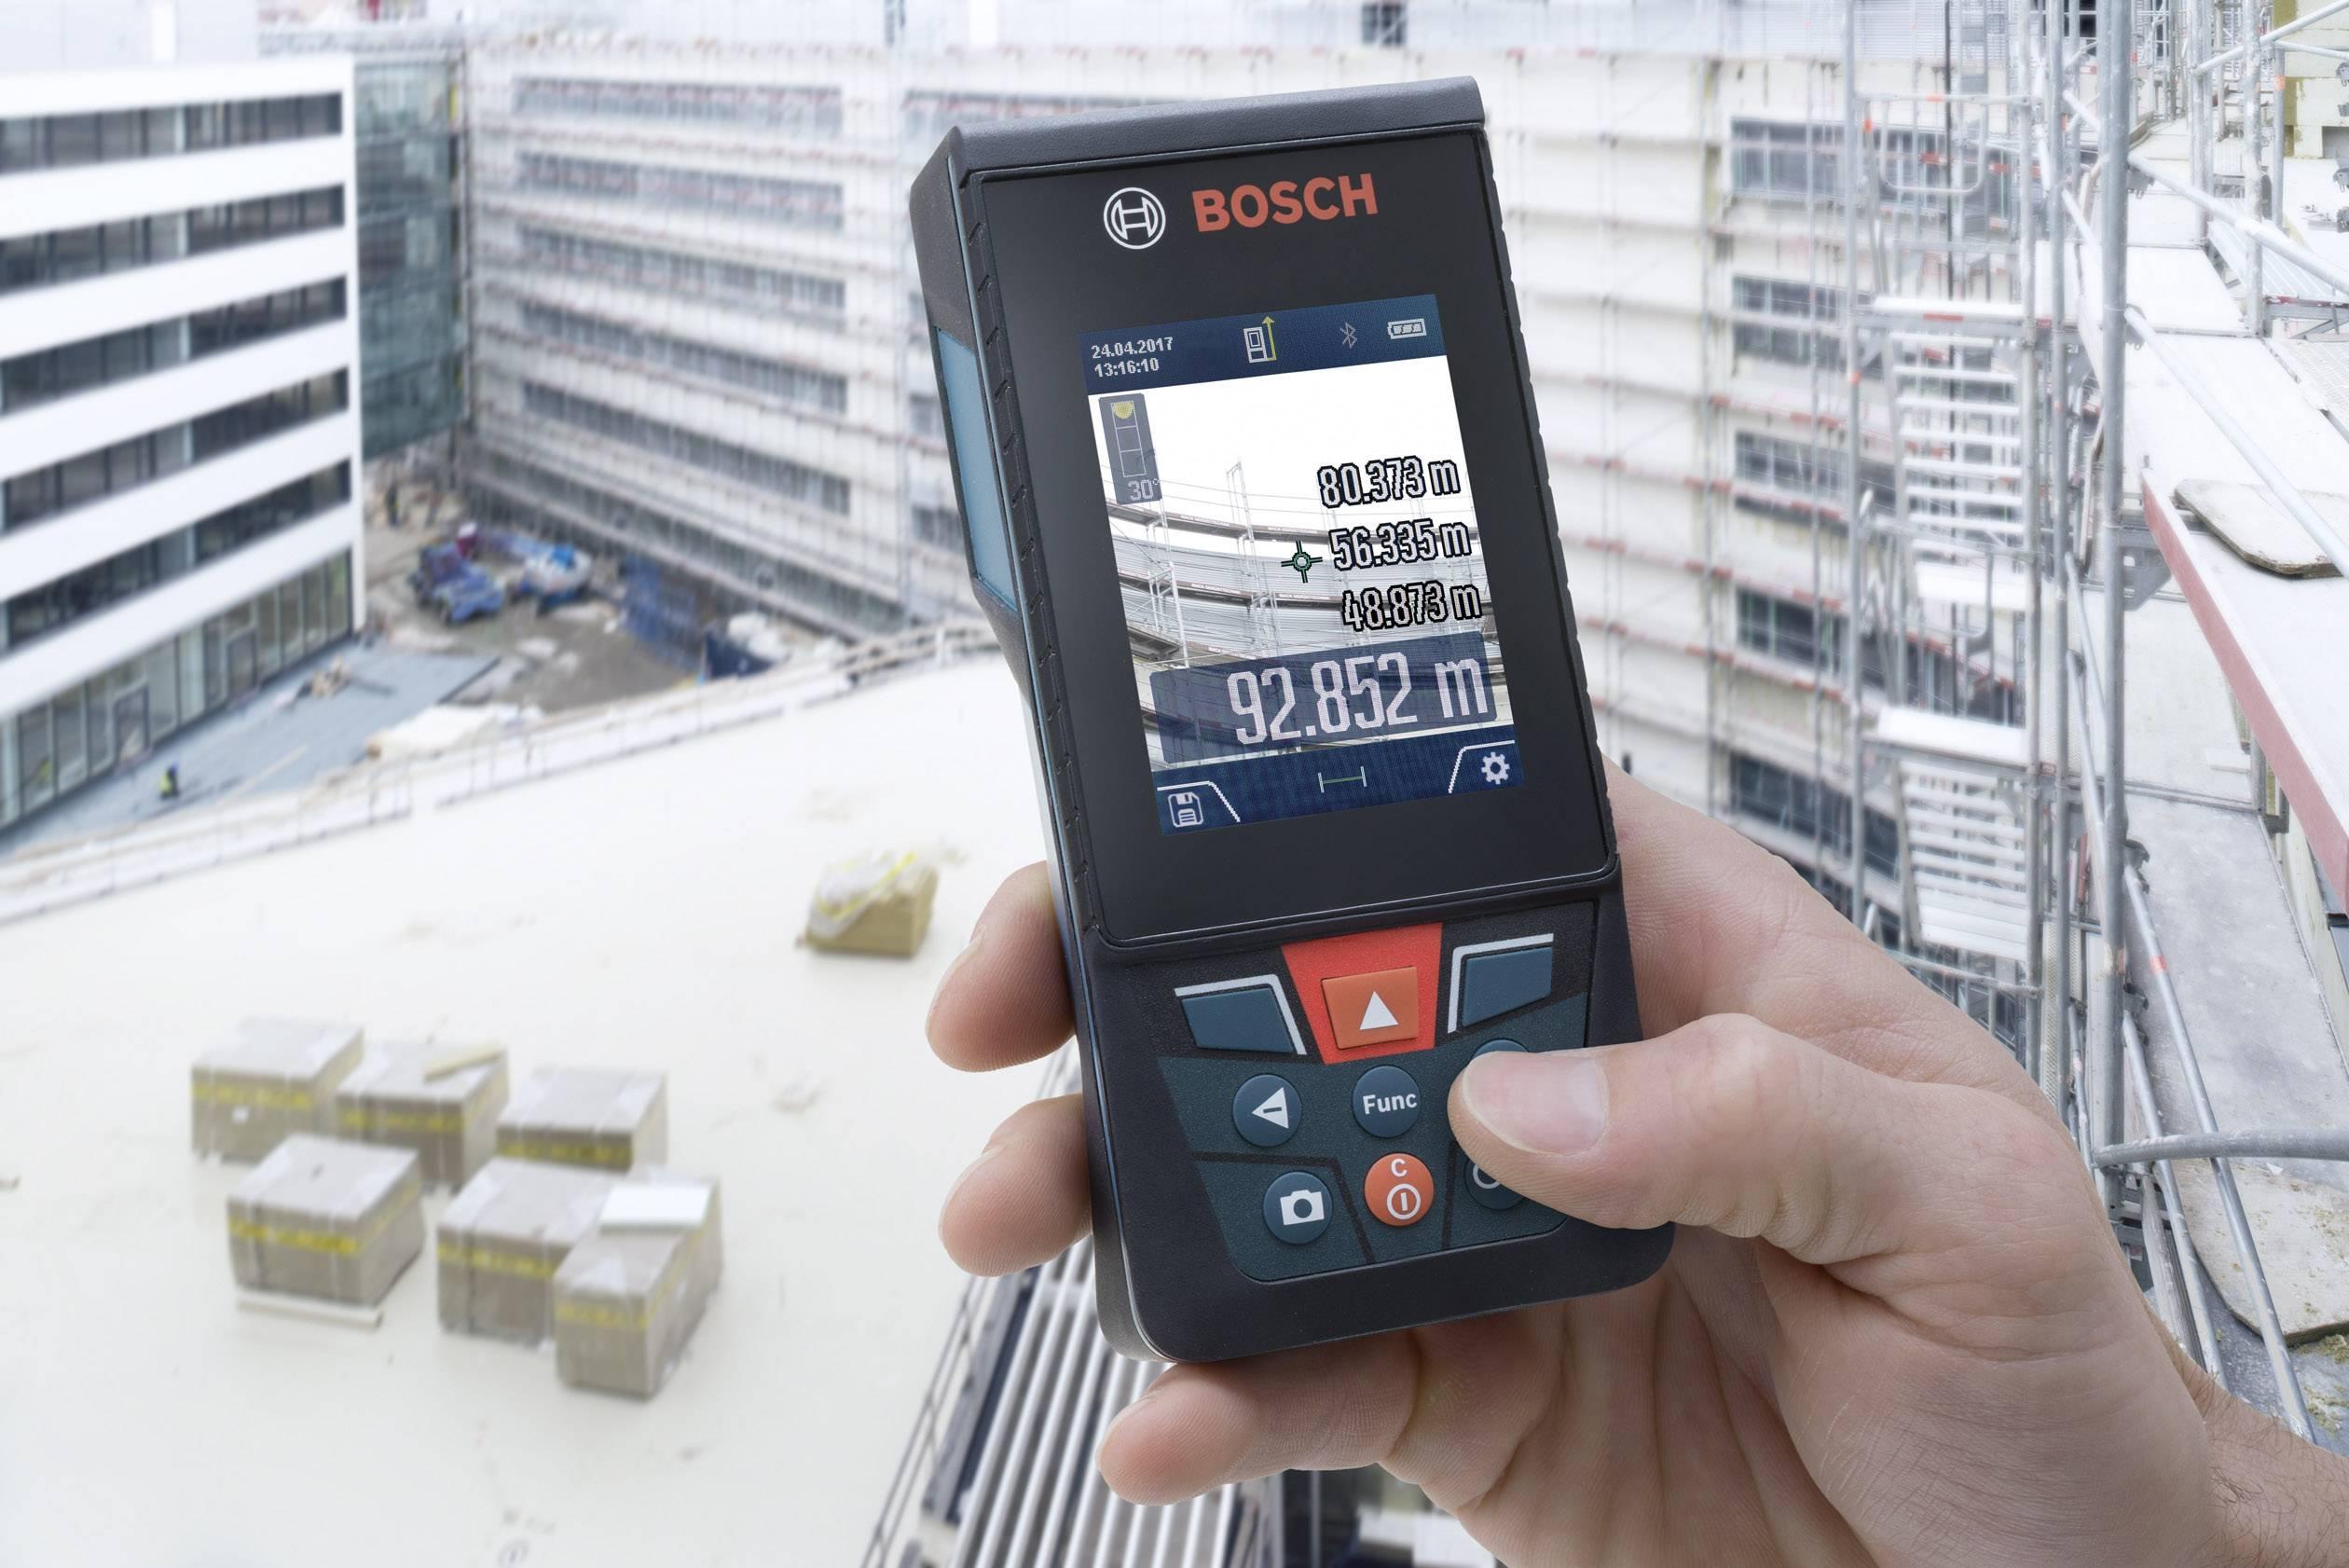 Laser Entfernungsmesser Mieten : Bosch professional glm c prof laser entfernungsmesser